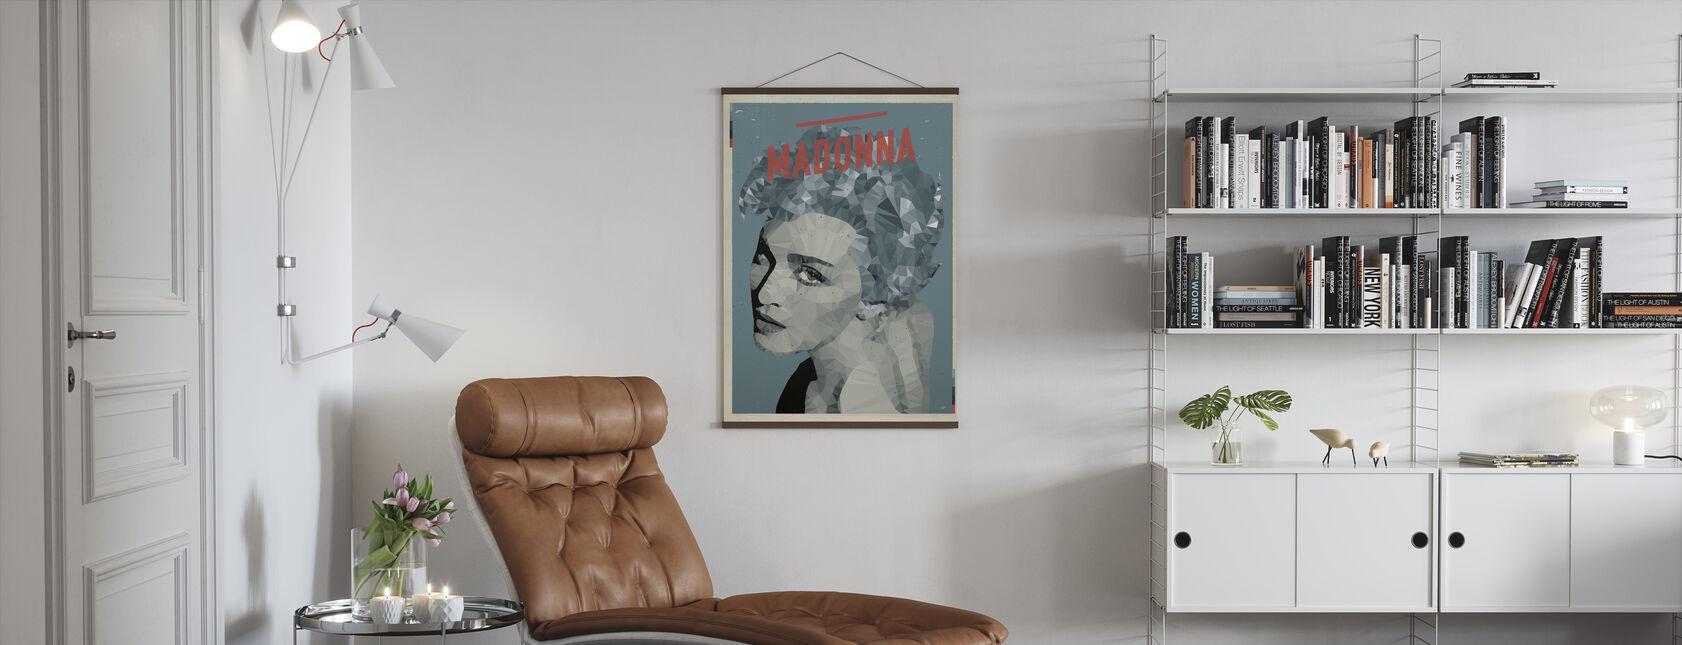 Like a Virgin - Poster - Living Room